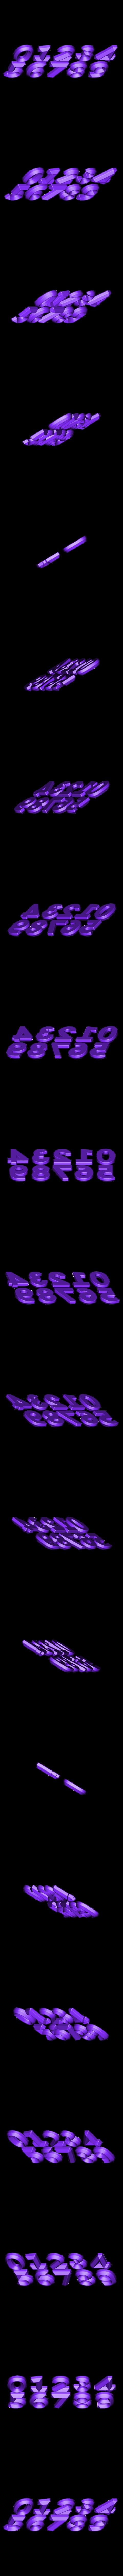 Numbers.stl Télécharger fichier STL gratuit Nombres • Design imprimable en 3D, 3DBuilder